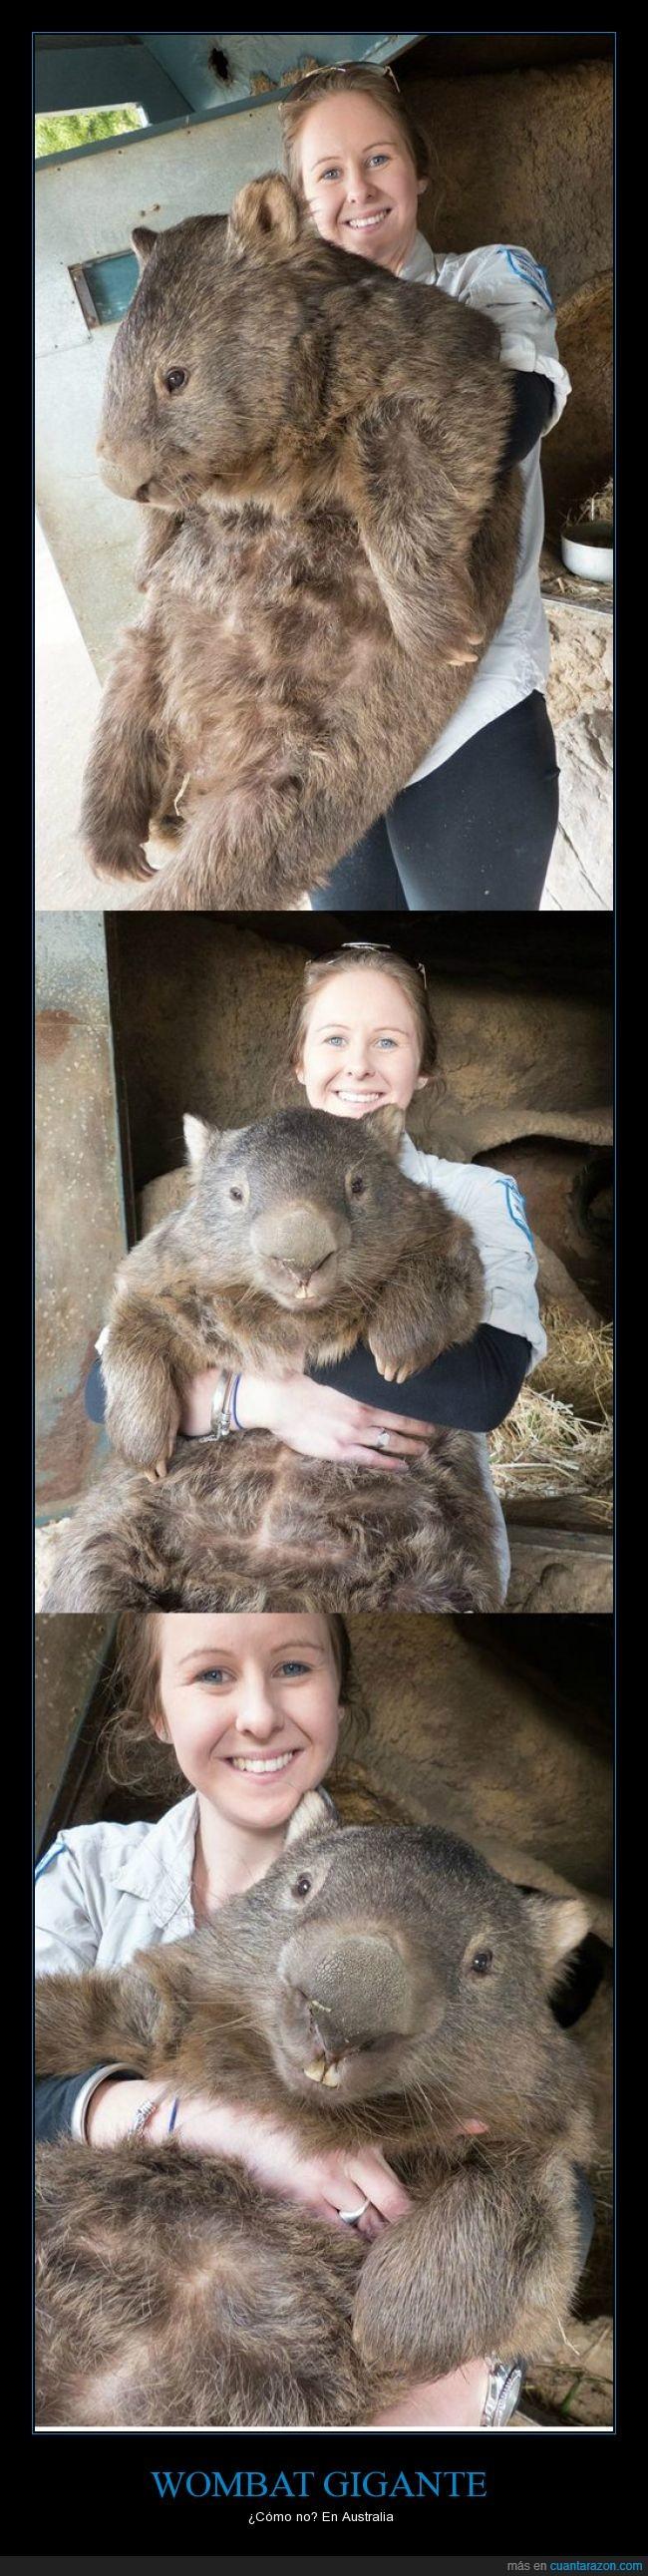 animal,australia,gigante,grande,wombat